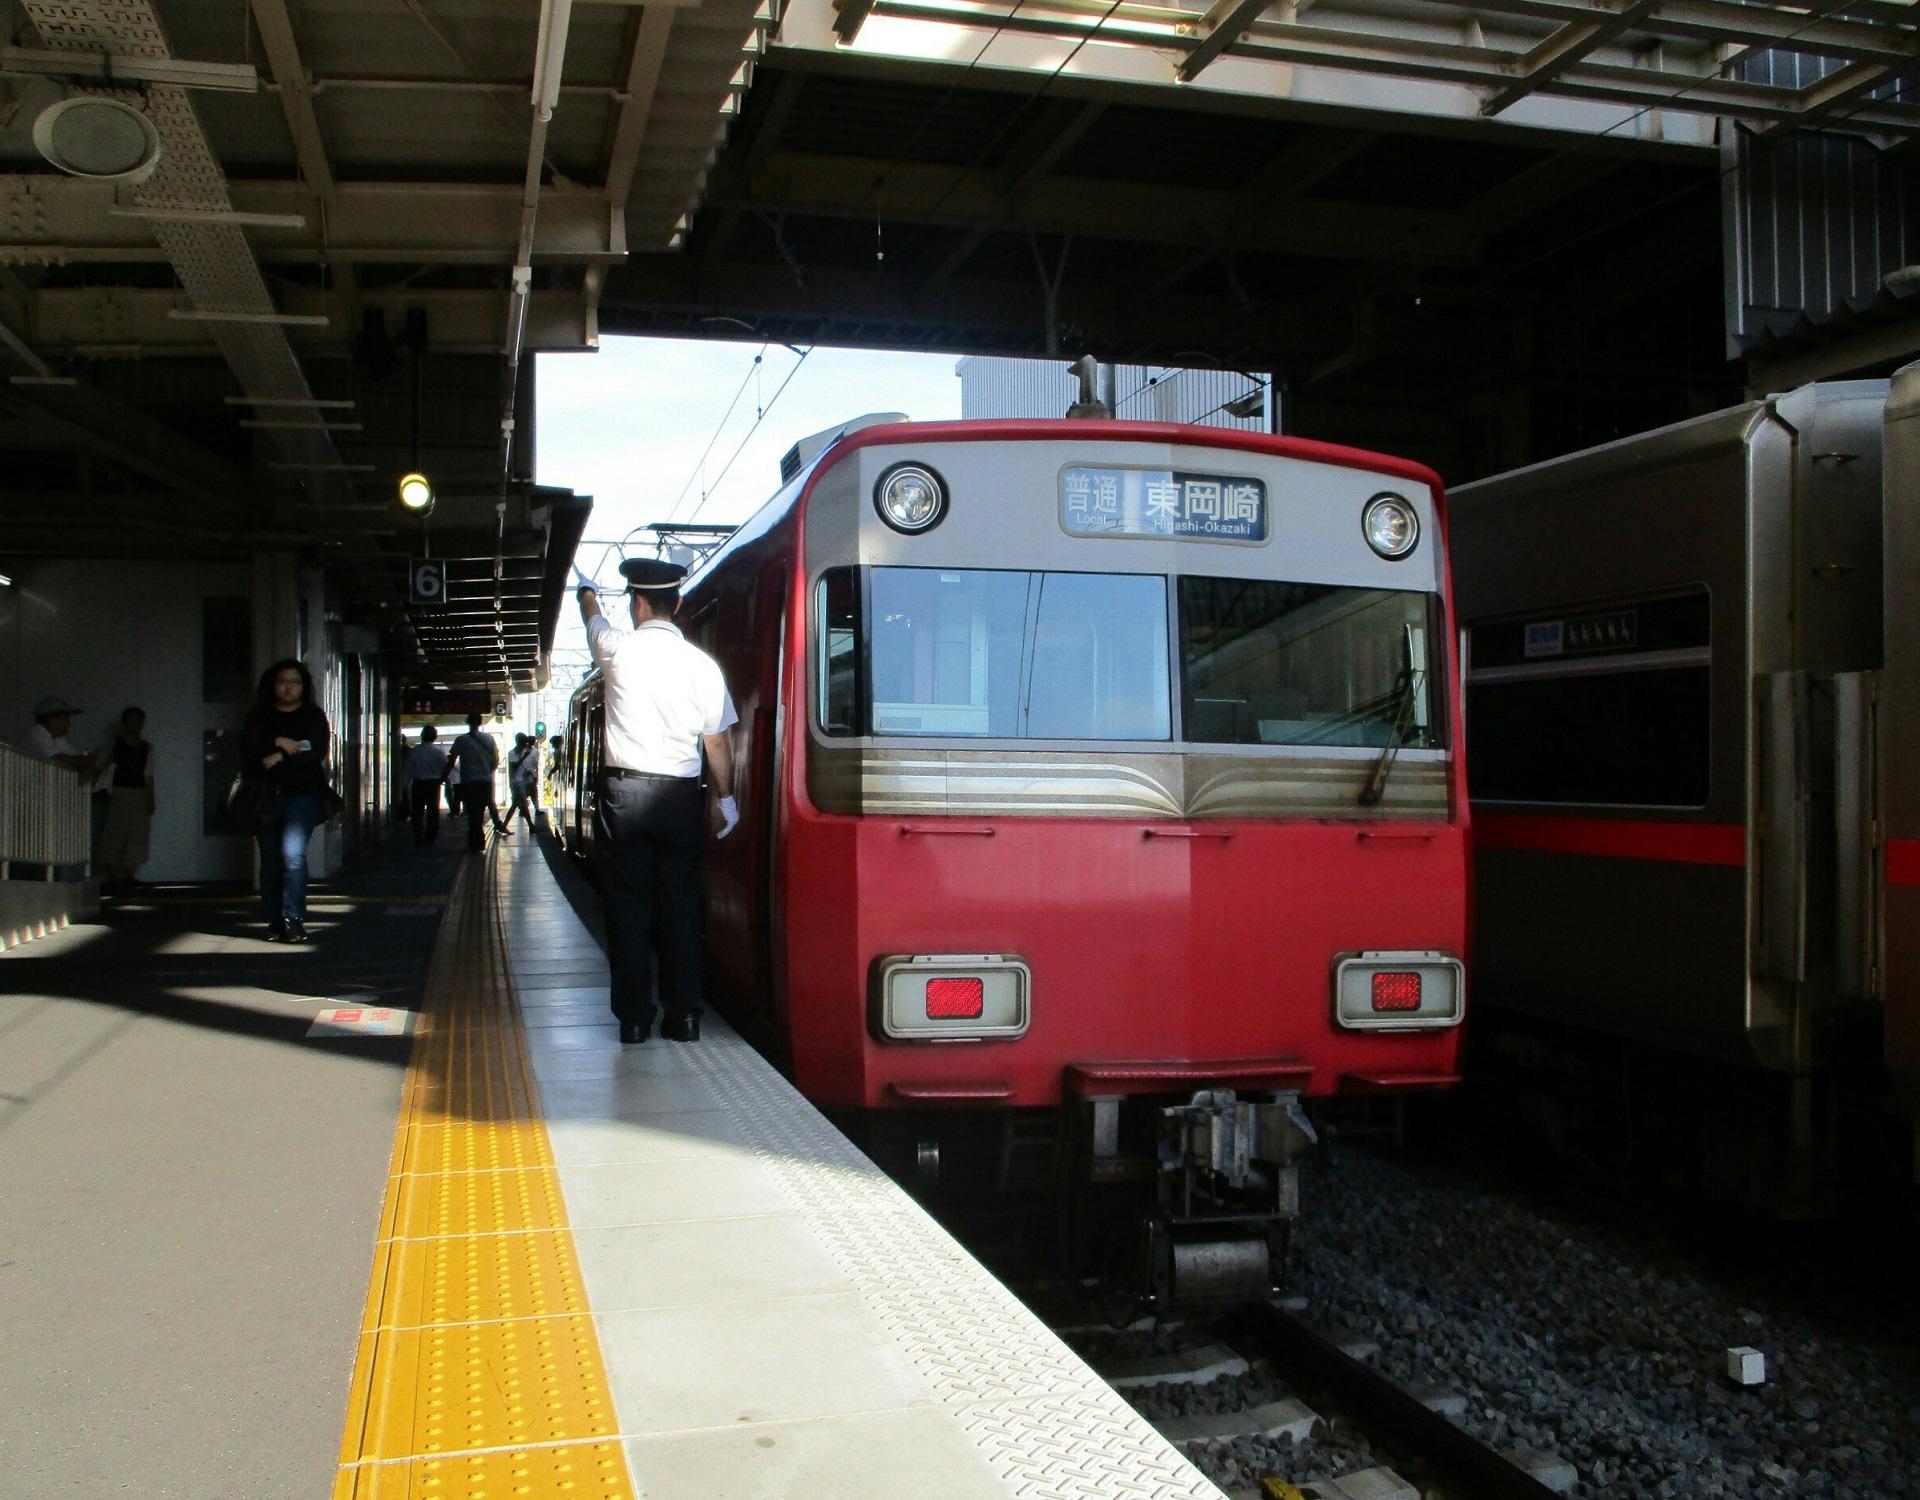 2018.7.22 (17) 知立 - 東岡崎いきふつう 1920-1500